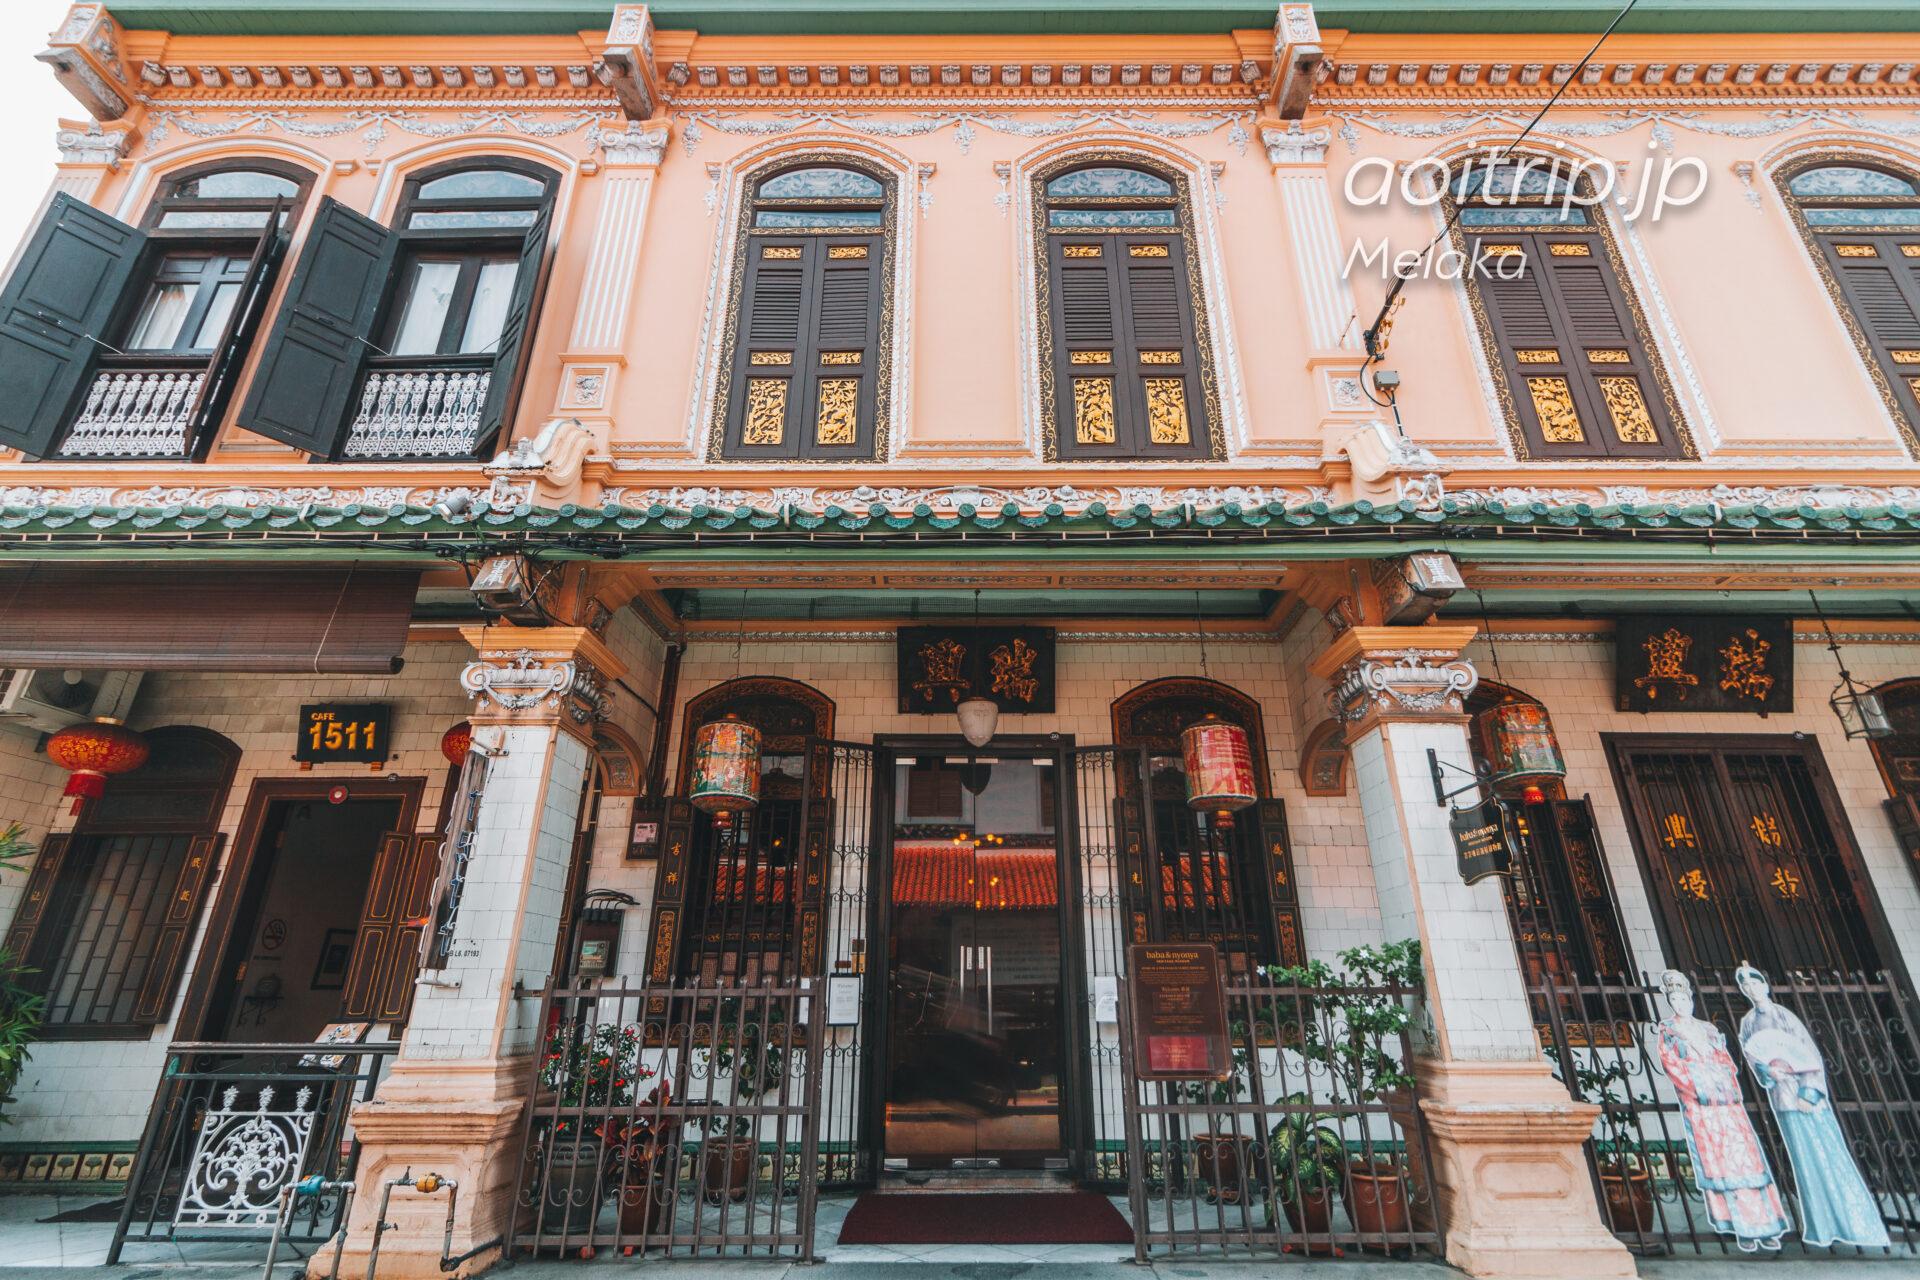 ババニョニャヘリテージミュージアム The Baba Nyonya Heritage Museum